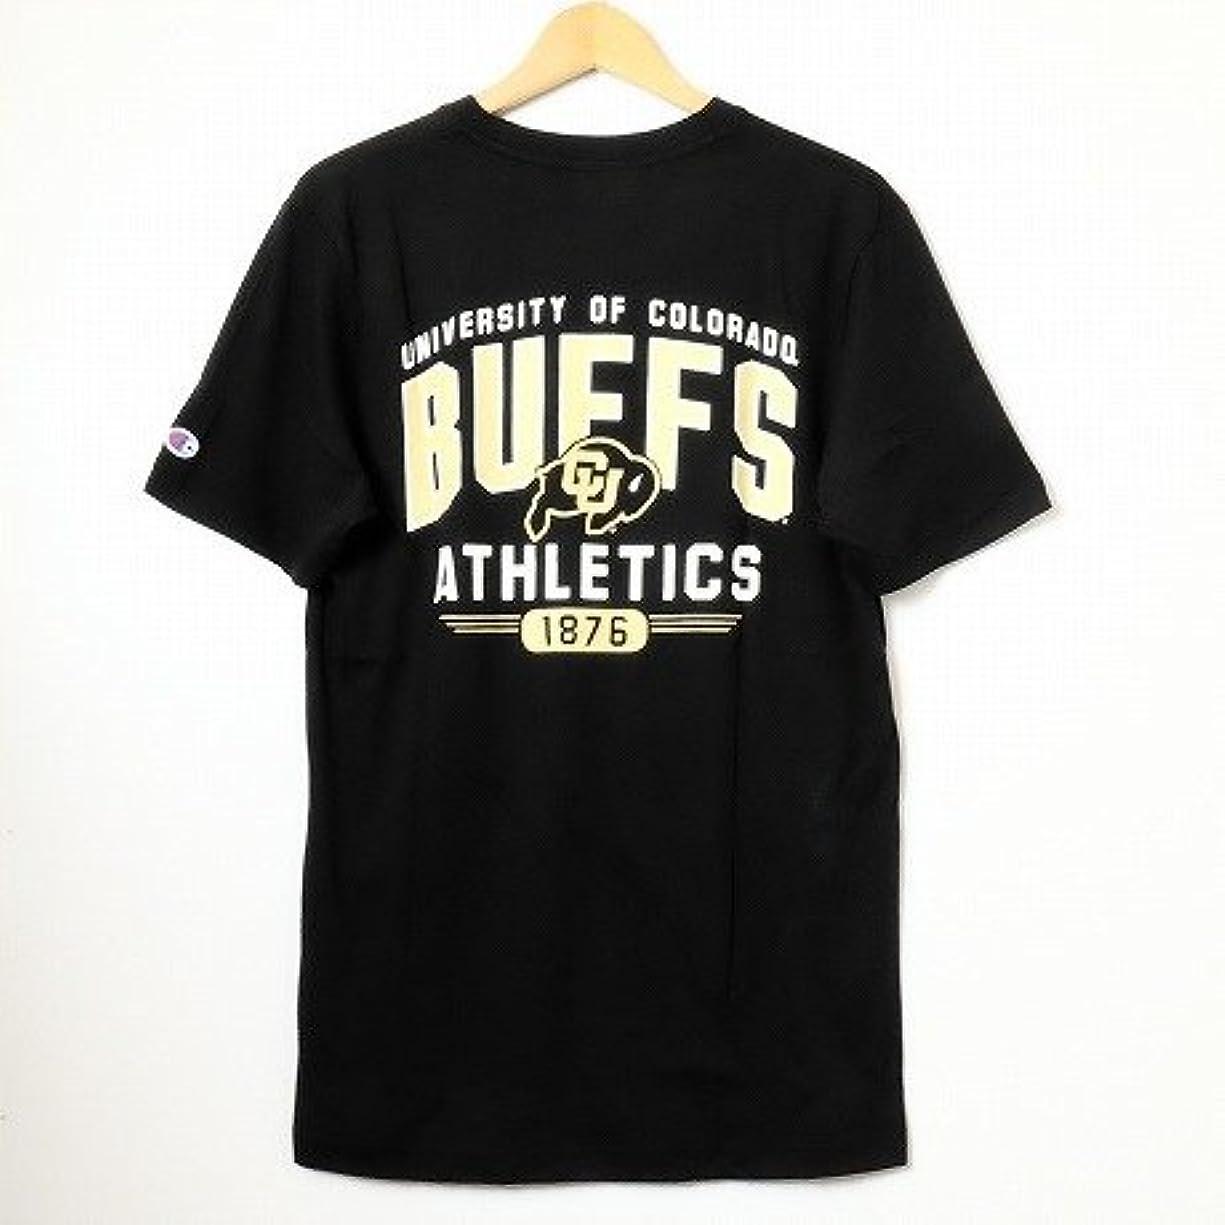 うそつき法廷警告するChampion USA 【チャンピオン】?NCAA?S/S-Tshirt カレッジプリント半袖Tシャツコロラド大学 ブラック